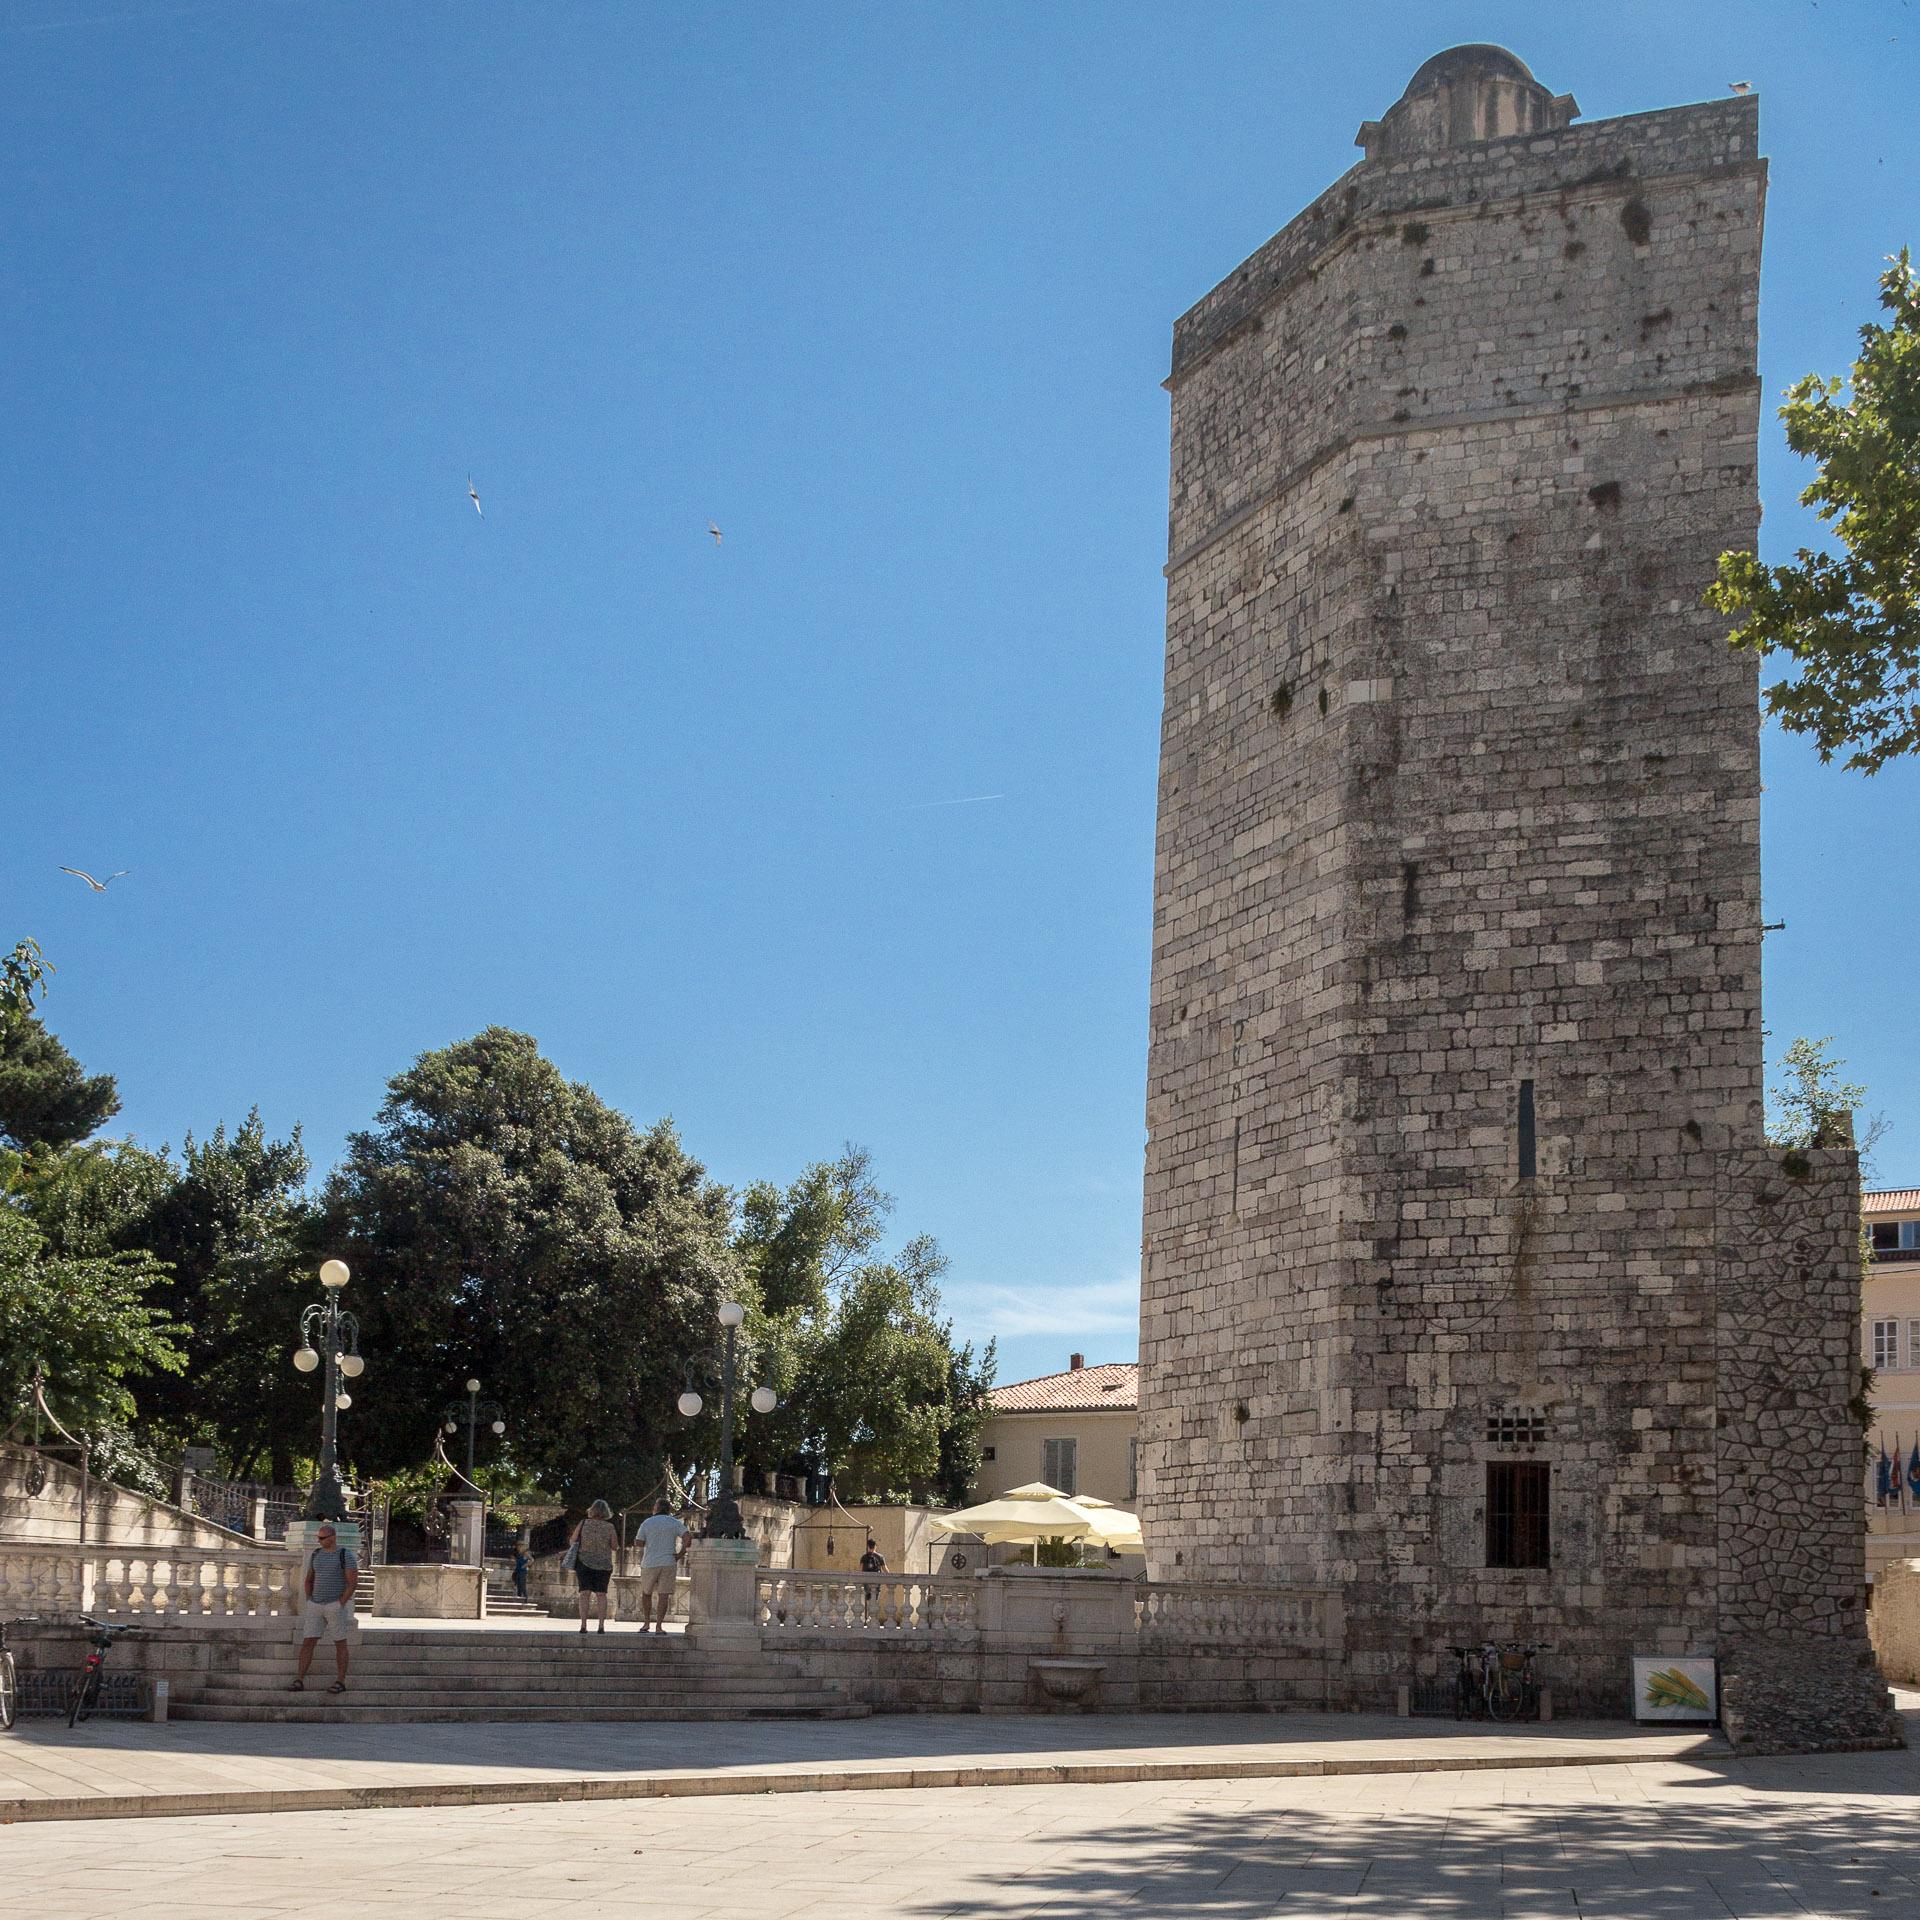 Kapitänsturm in Zadar